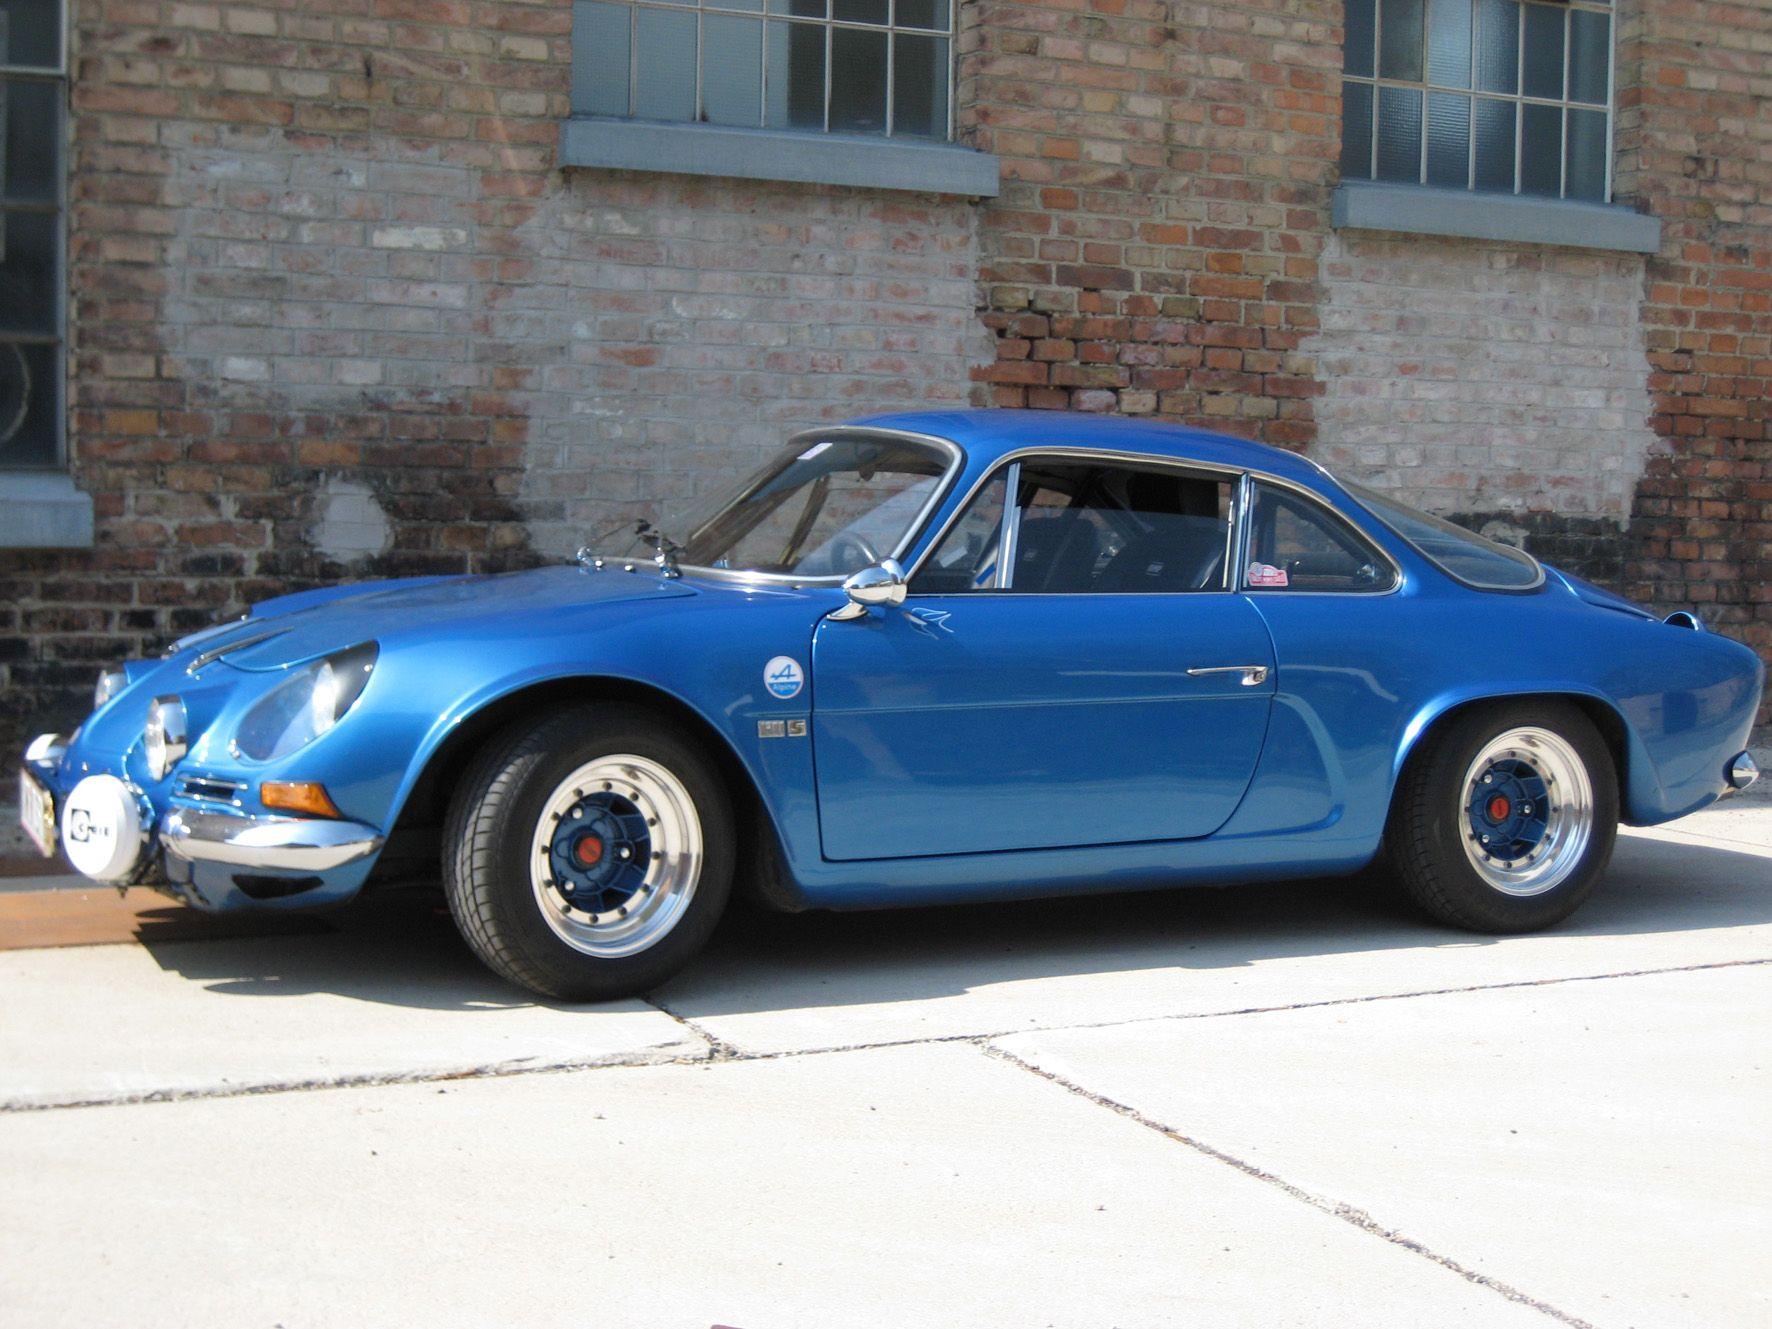 renault alpine 110 cars vintage pinterest cars car brands and hot cars. Black Bedroom Furniture Sets. Home Design Ideas